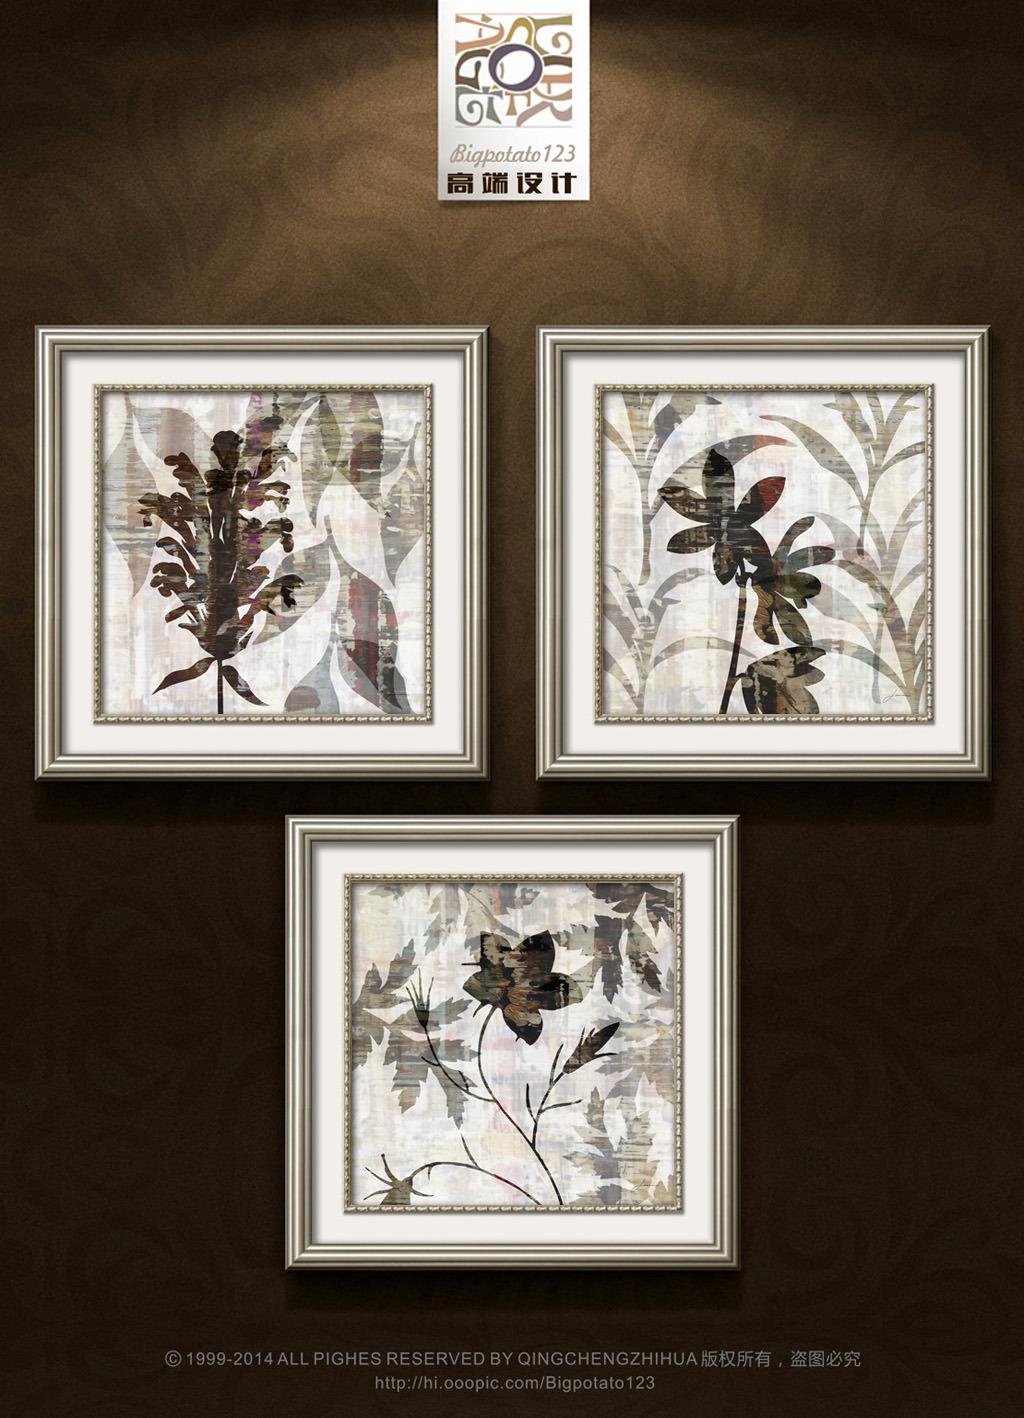 美克美家黑白抽象树叶装饰画